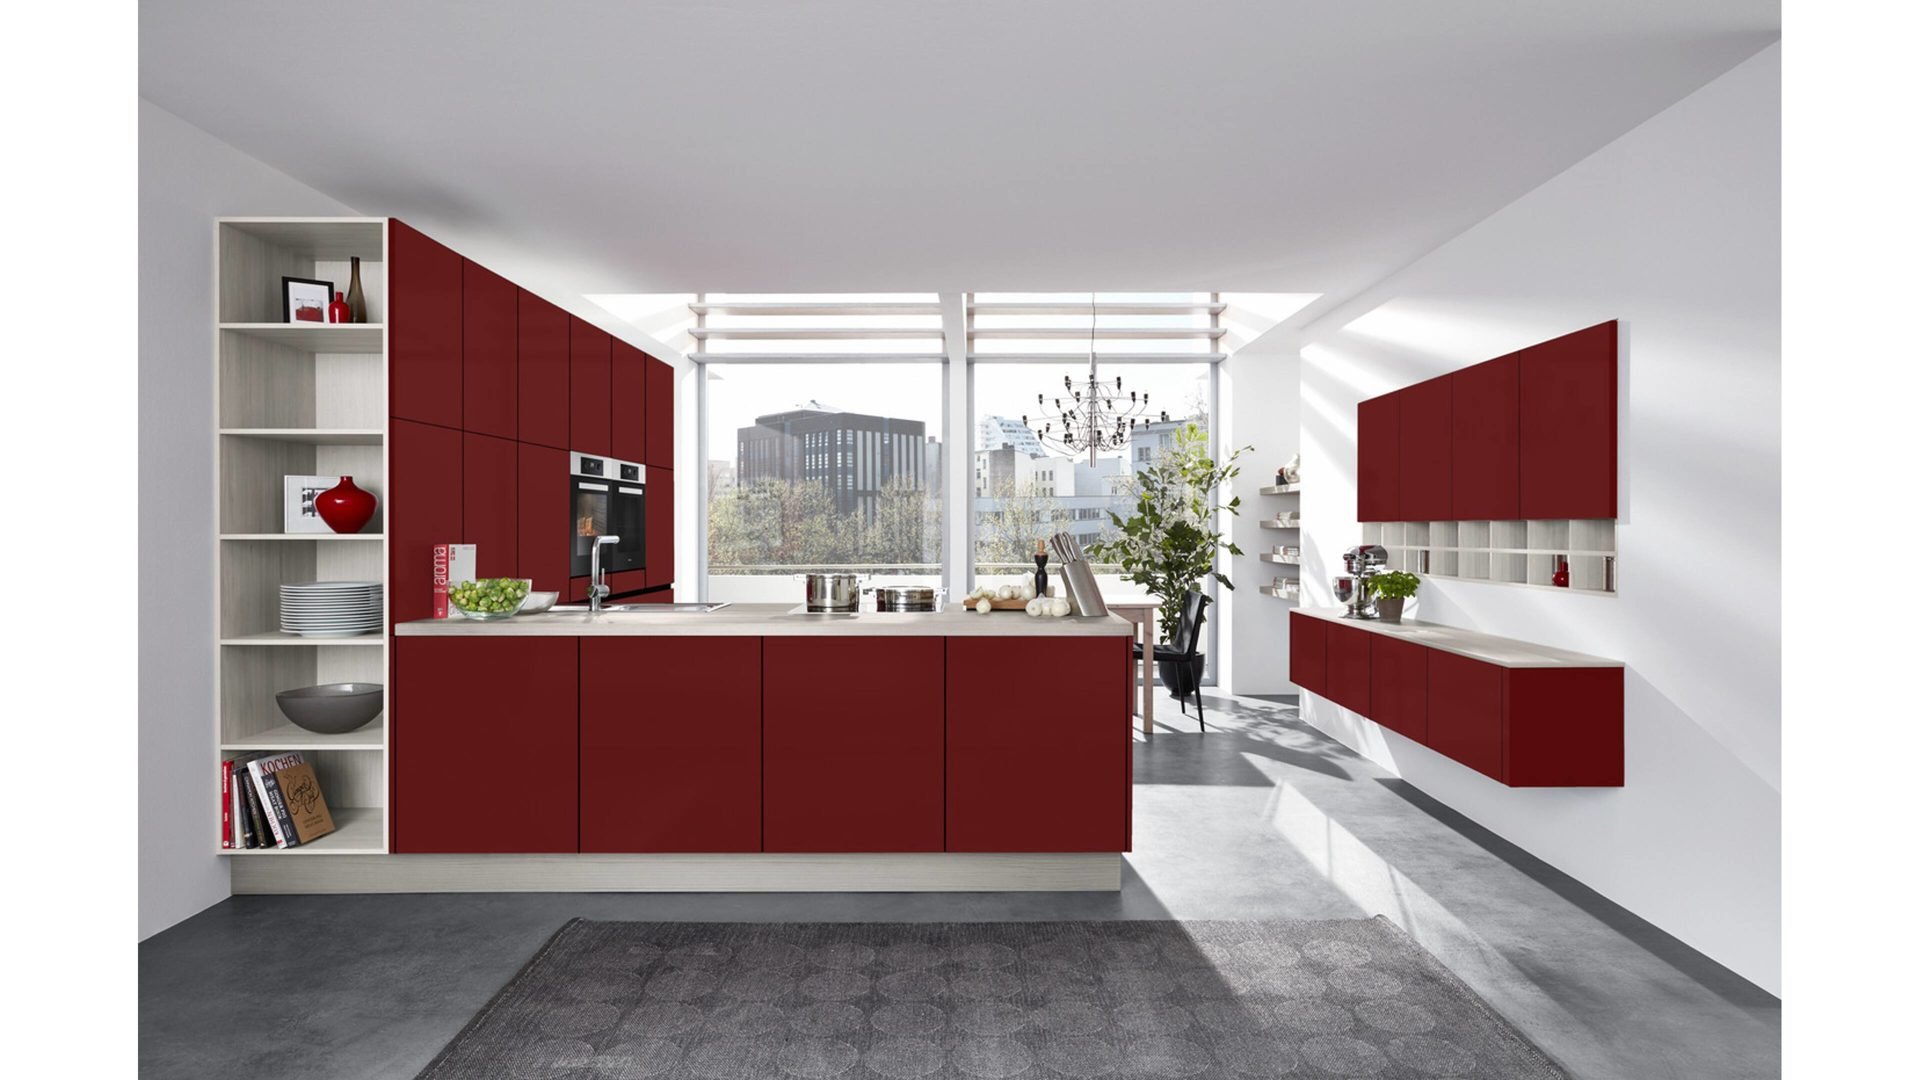 Groß Zwei Töne Küchenschrank Farben Bilder - Ideen Für Die Küche ...